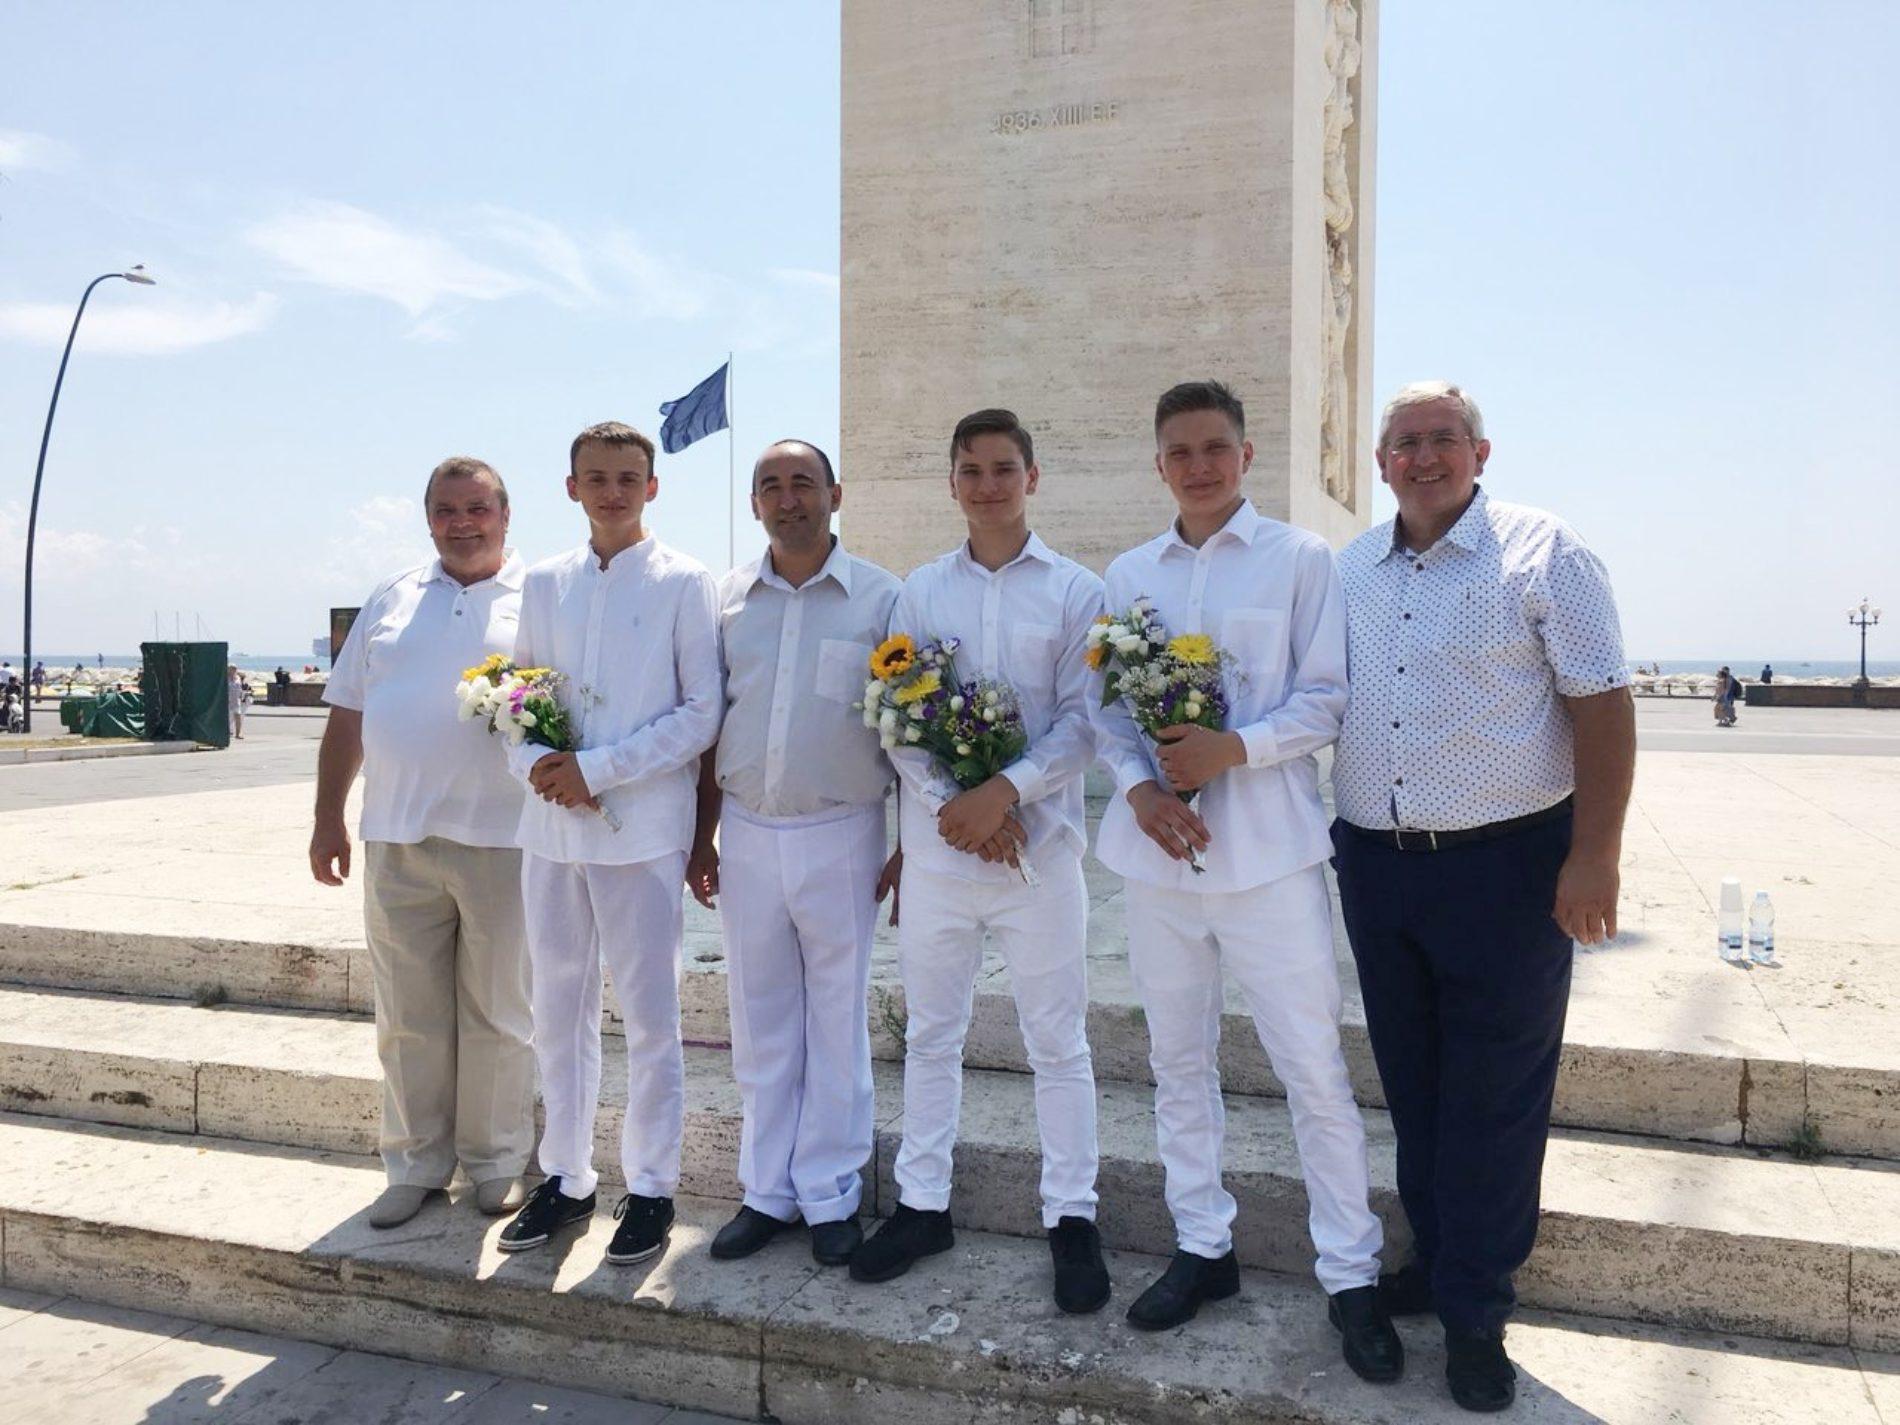 В італійському місті Неаполь поблагословили нову церковну громаду УЦХВЄ